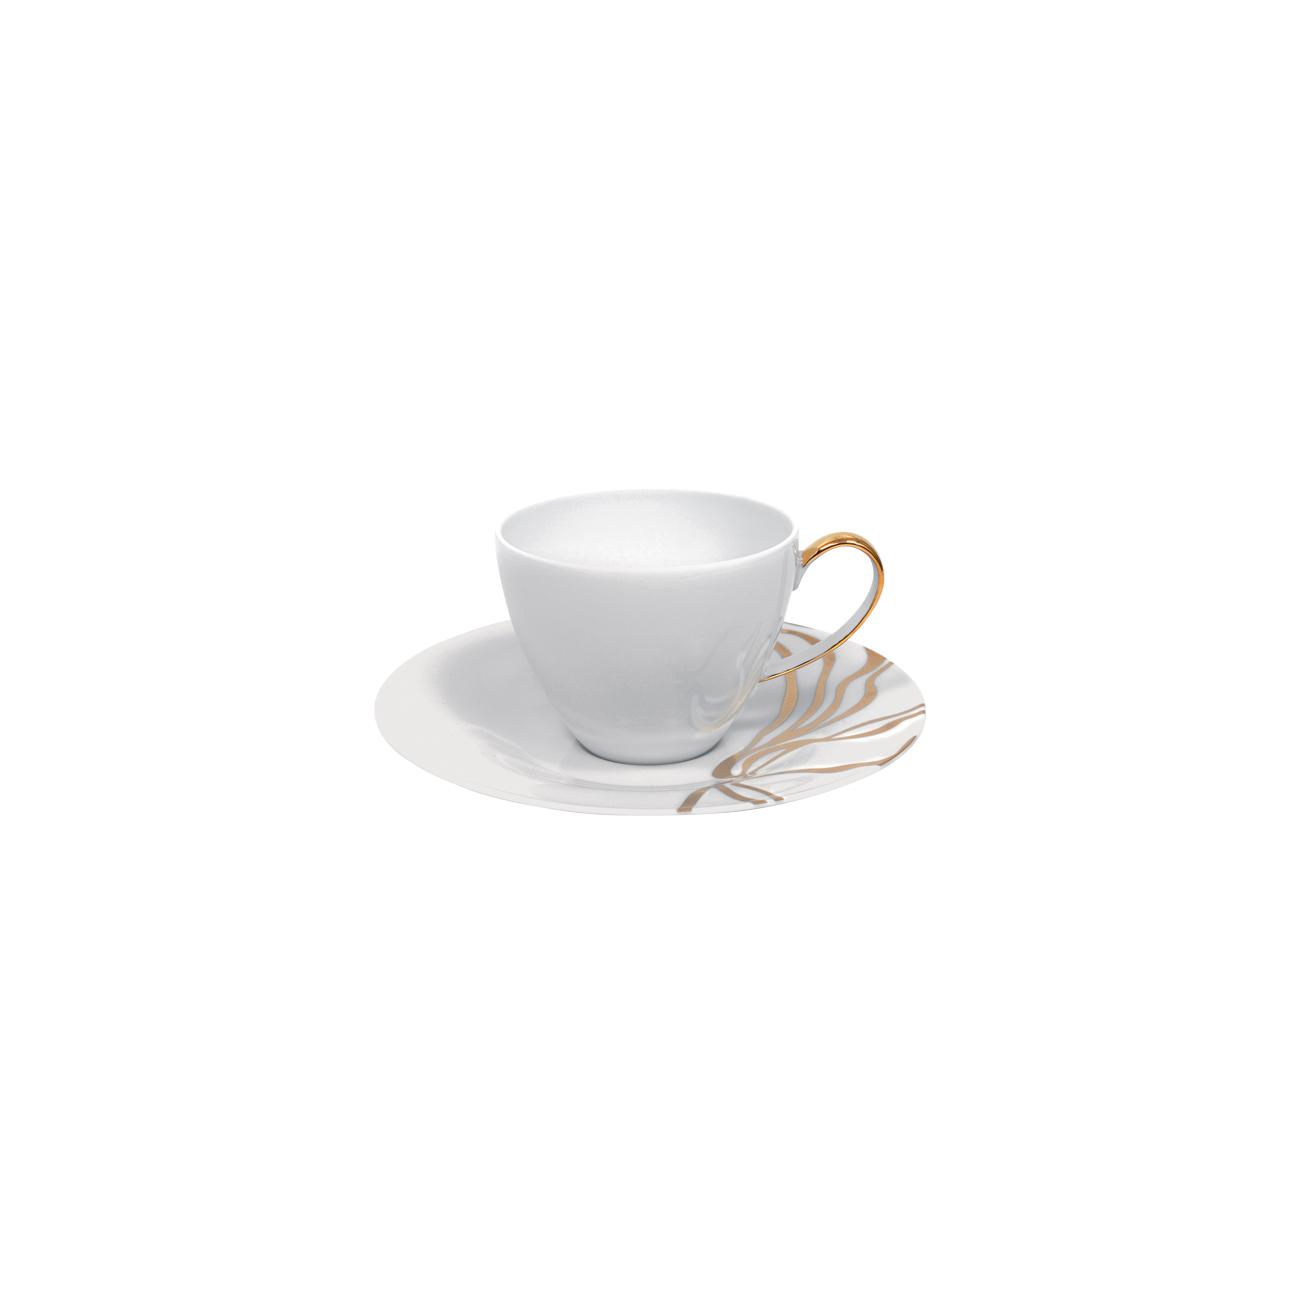 Chávena Chá 26cl B 0